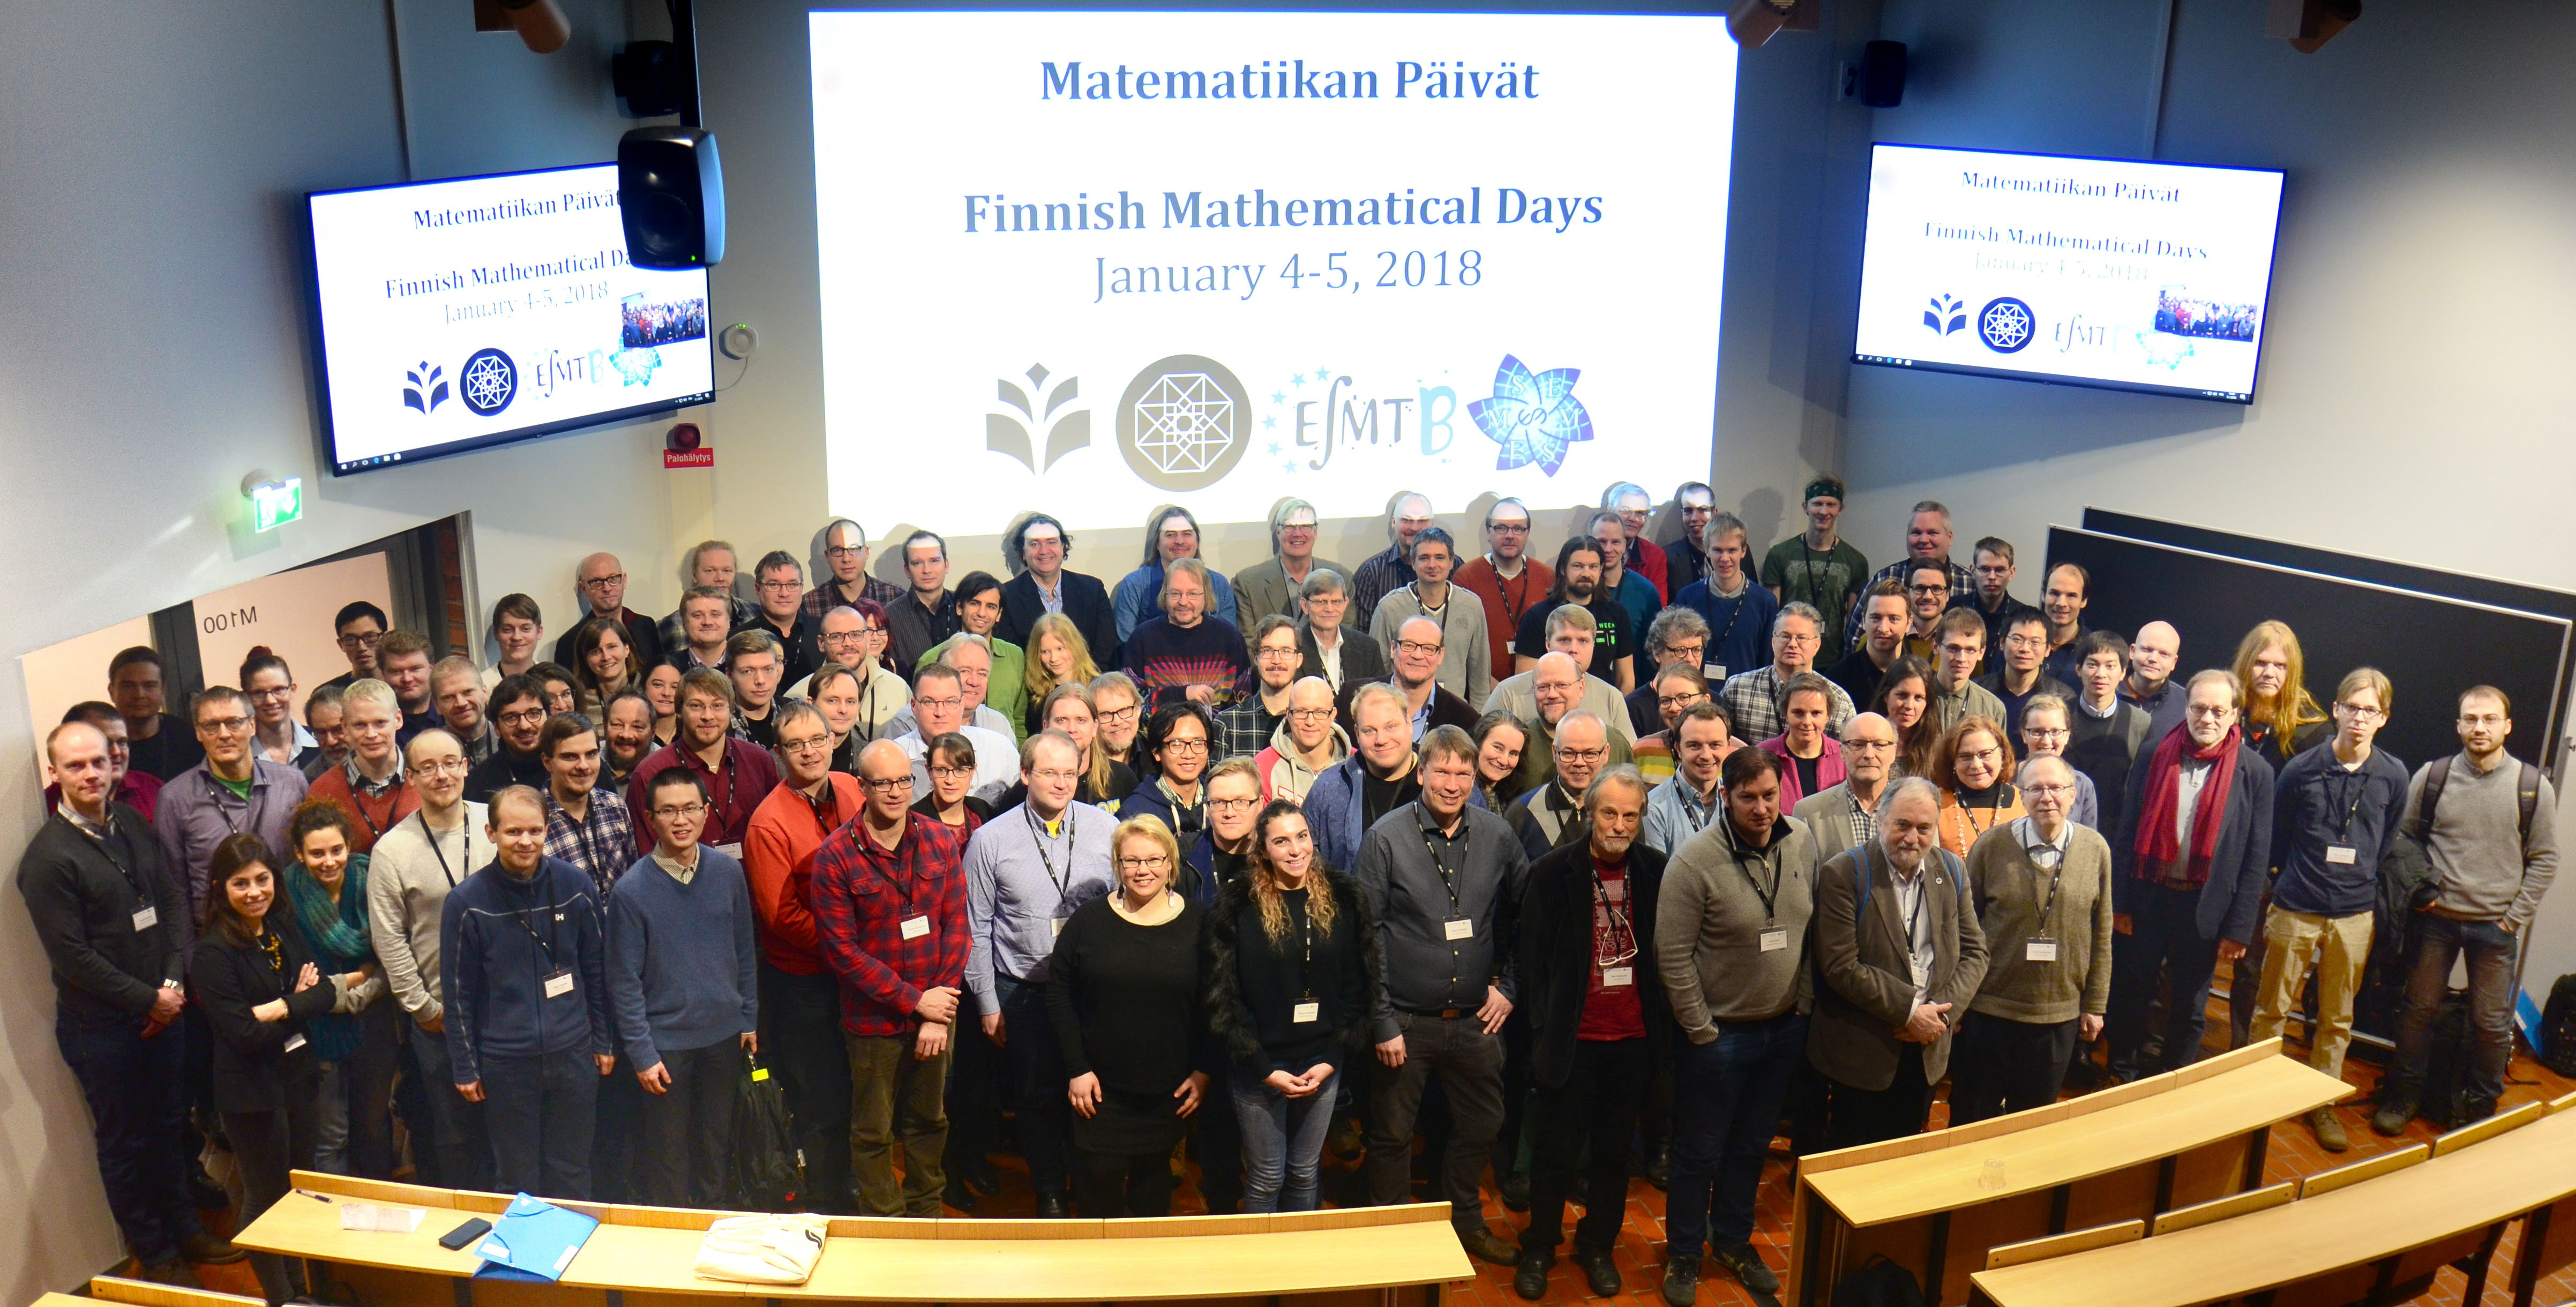 Ryhmäkuva Matematiikan päivien osallistujista Joensuussa 2018.